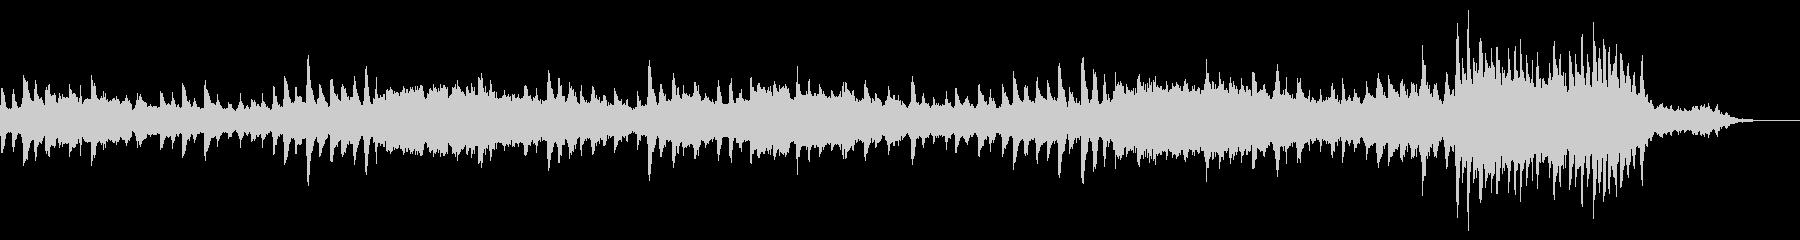 ピアノとシンセを使用したアンビエントの未再生の波形